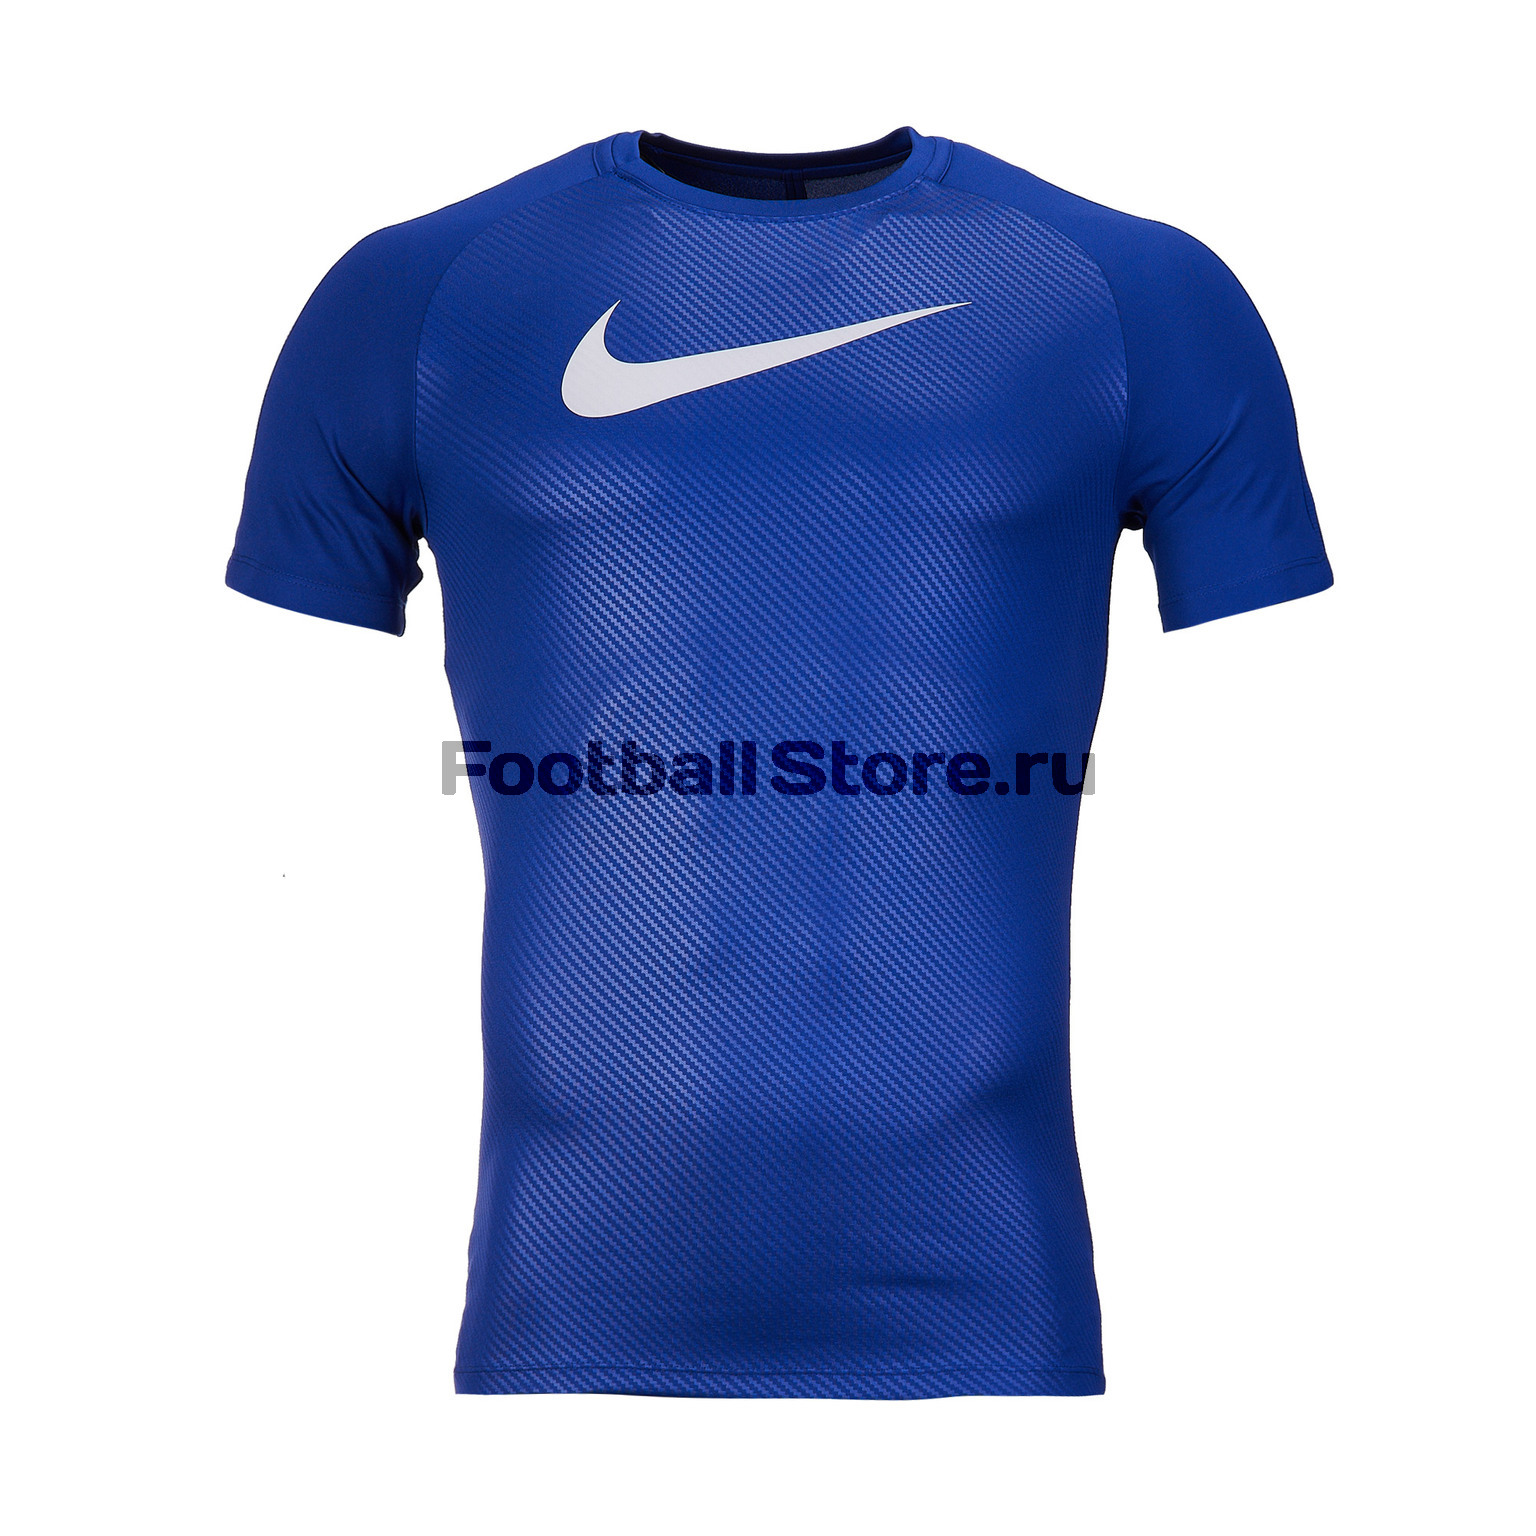 Футболка тренировочная Nike Dry Academy AJ4227-455 футболка тренировочная nike ss academy trng top 588468 463